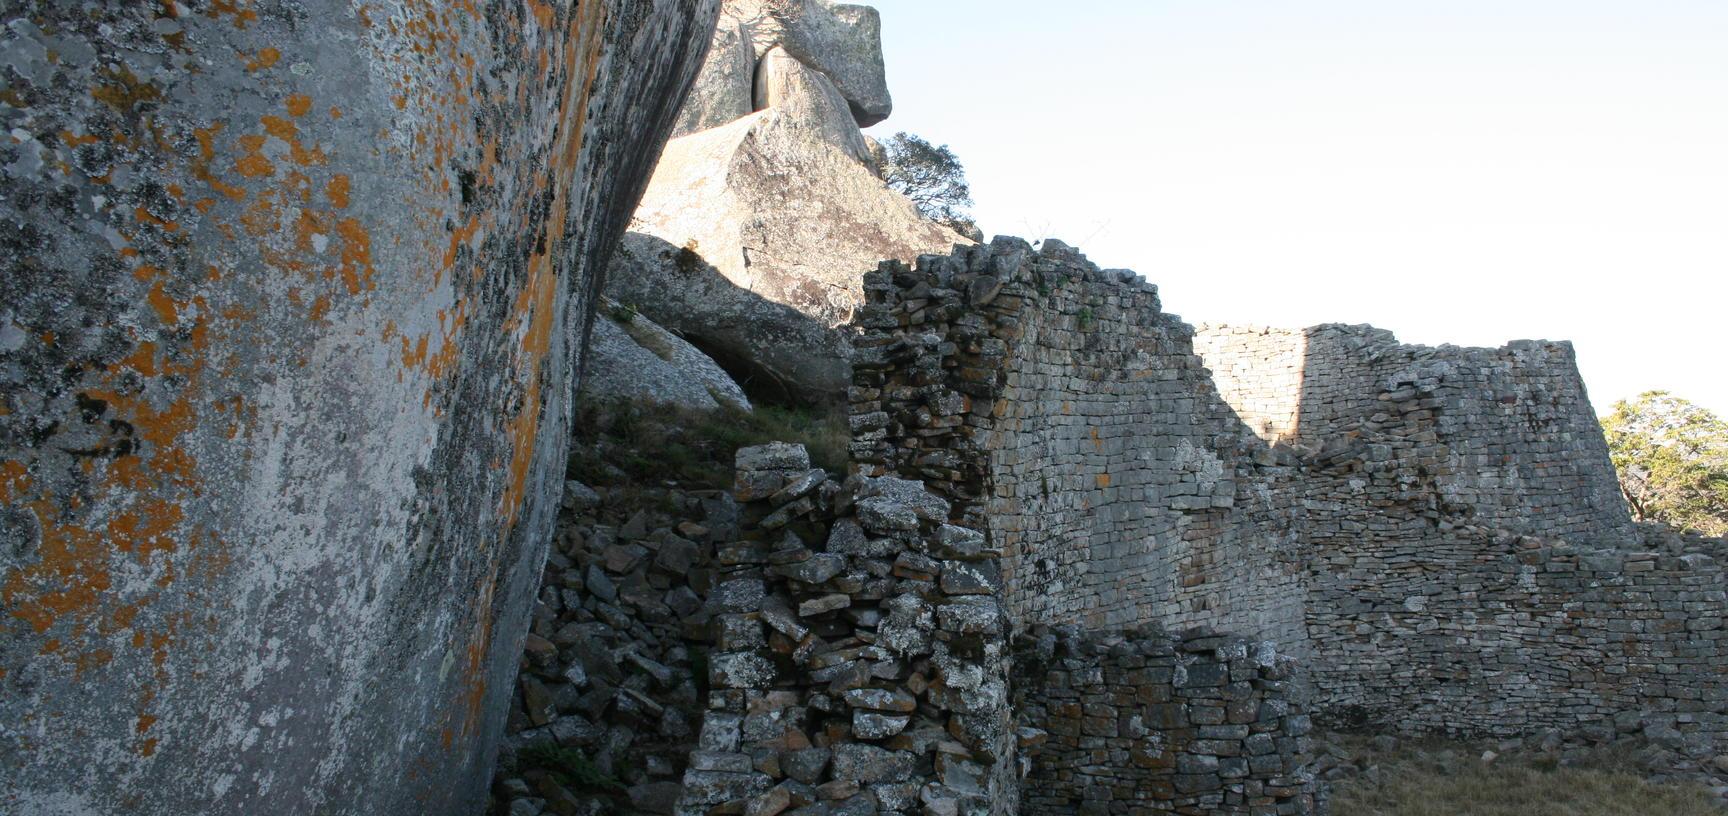 Walls at Great Zimbabwe